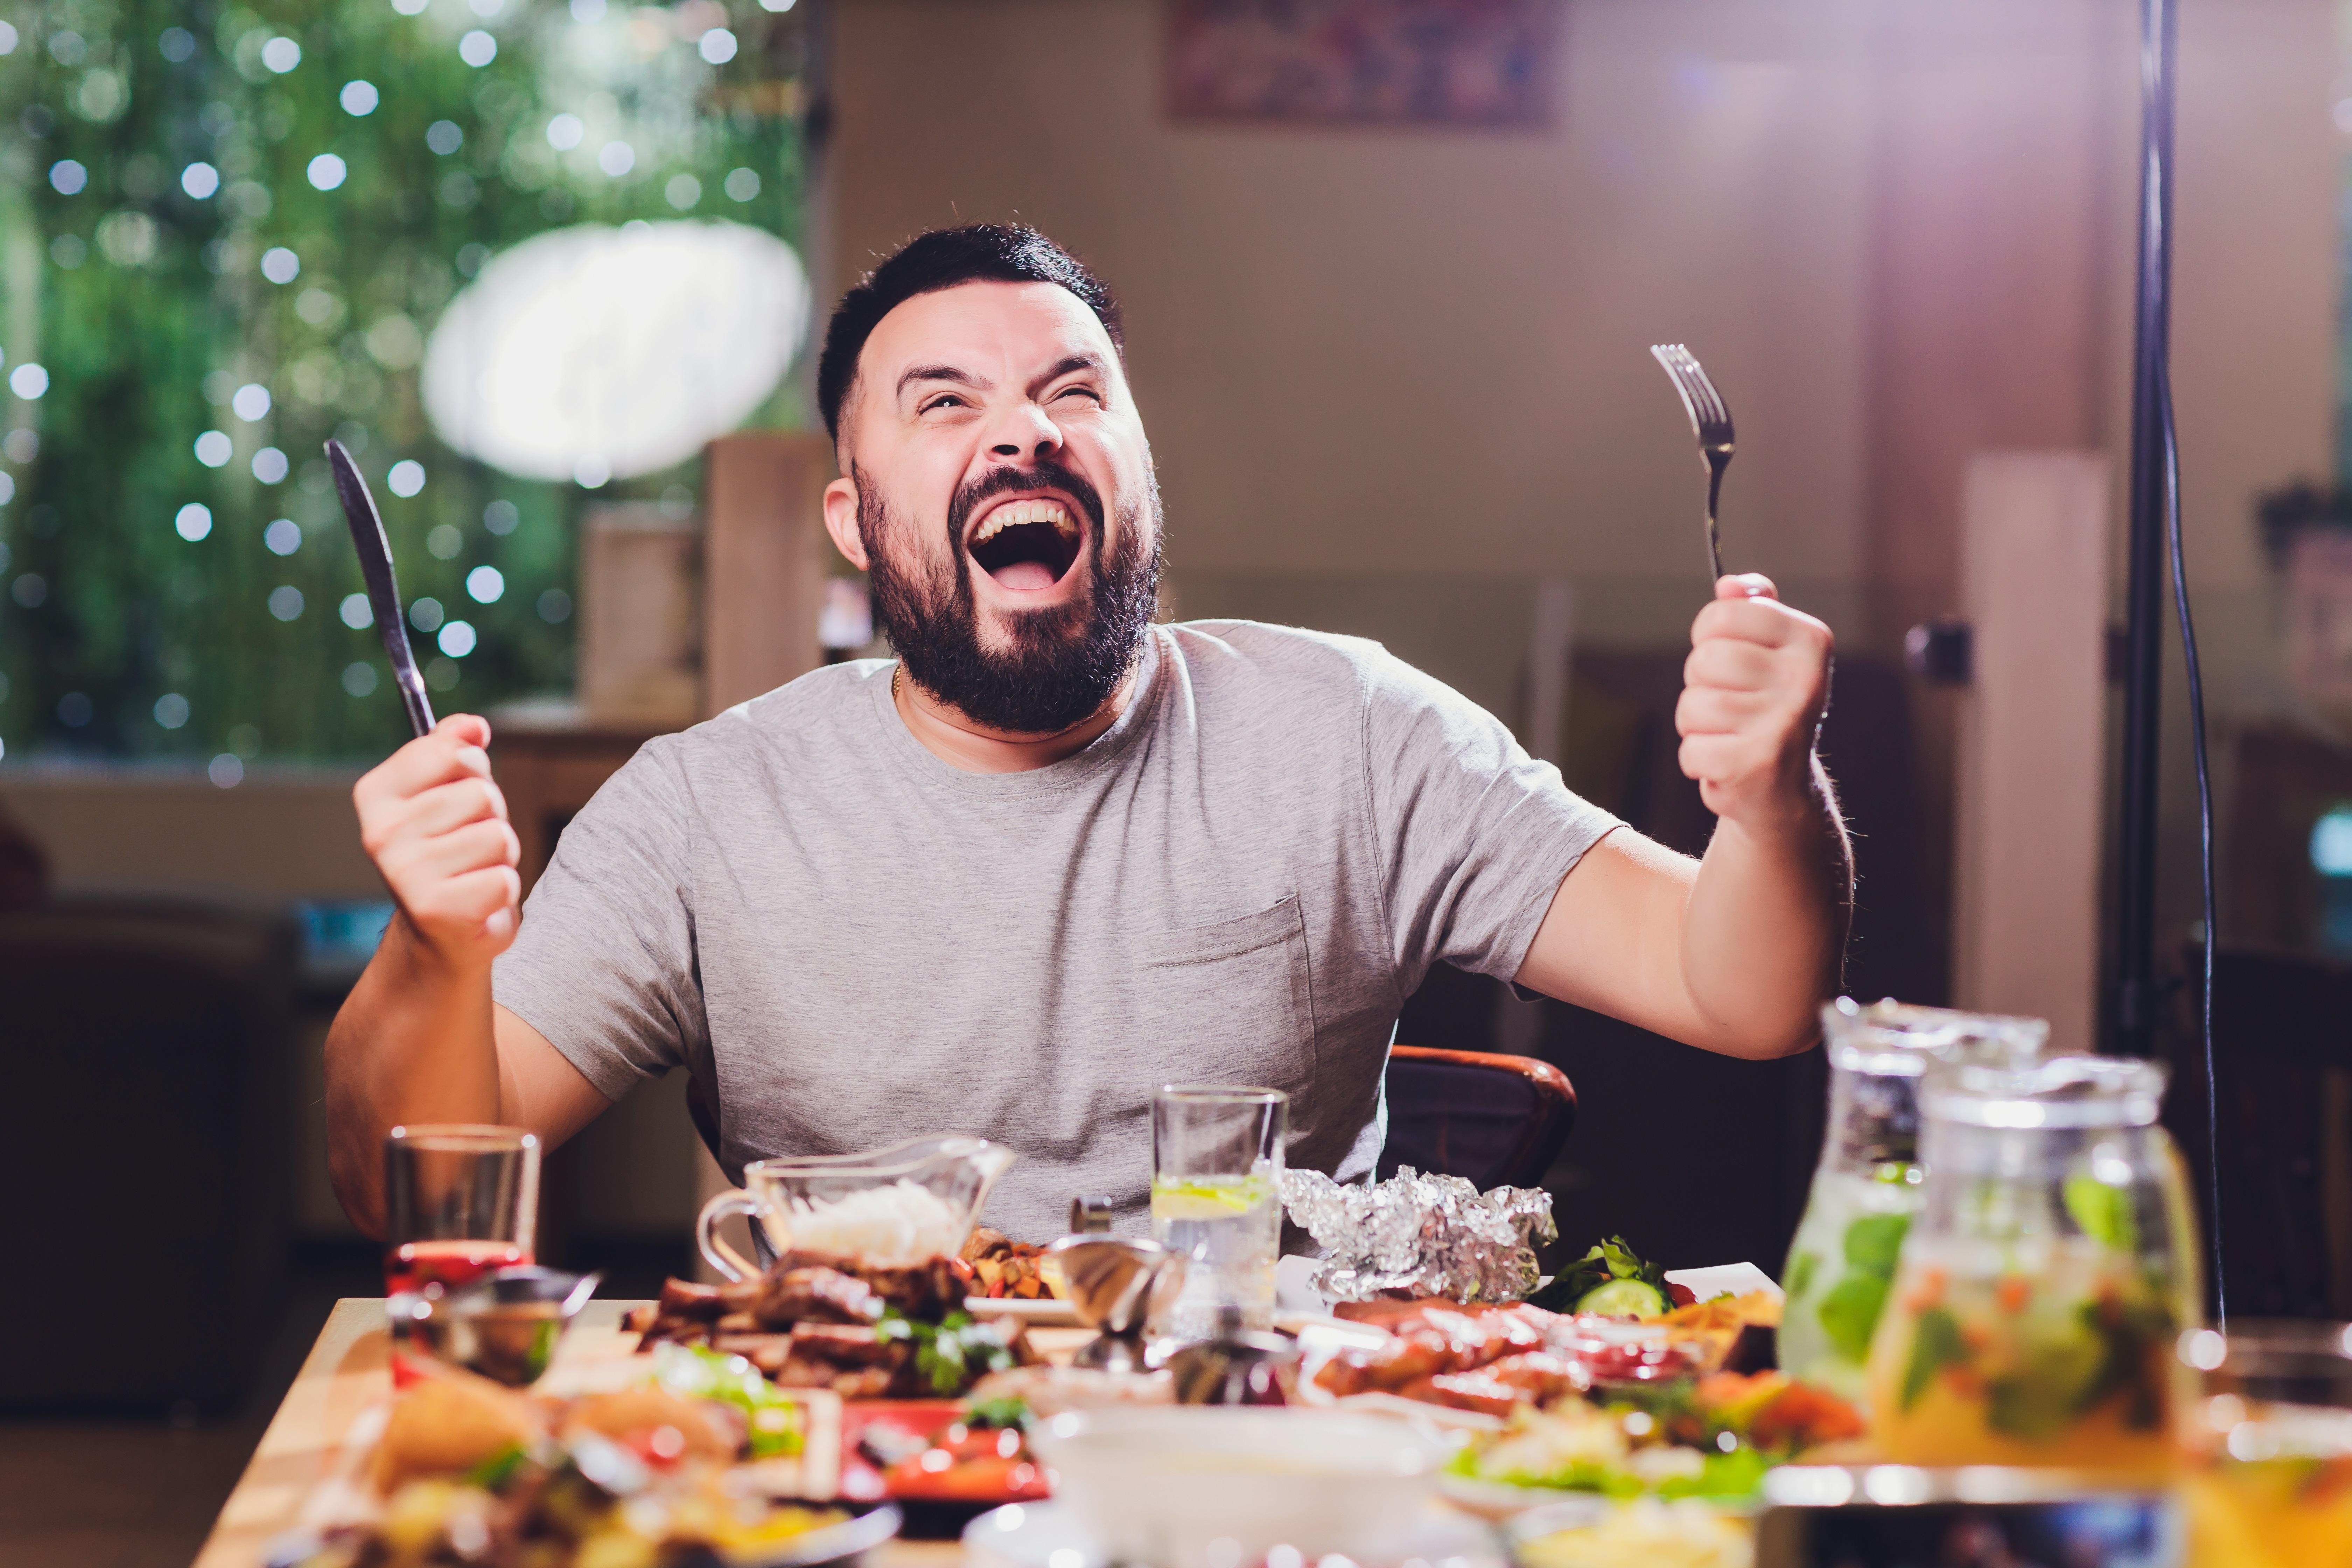 کیا آپ جانتے ہیں کہ زیادہ کھانے سے موٹاپا نہیں آتا؟ بلکہ آپ کی یہ پانچ عاداتیں آپ کو موٹاپے کا شکار بنا دیتی ہیں